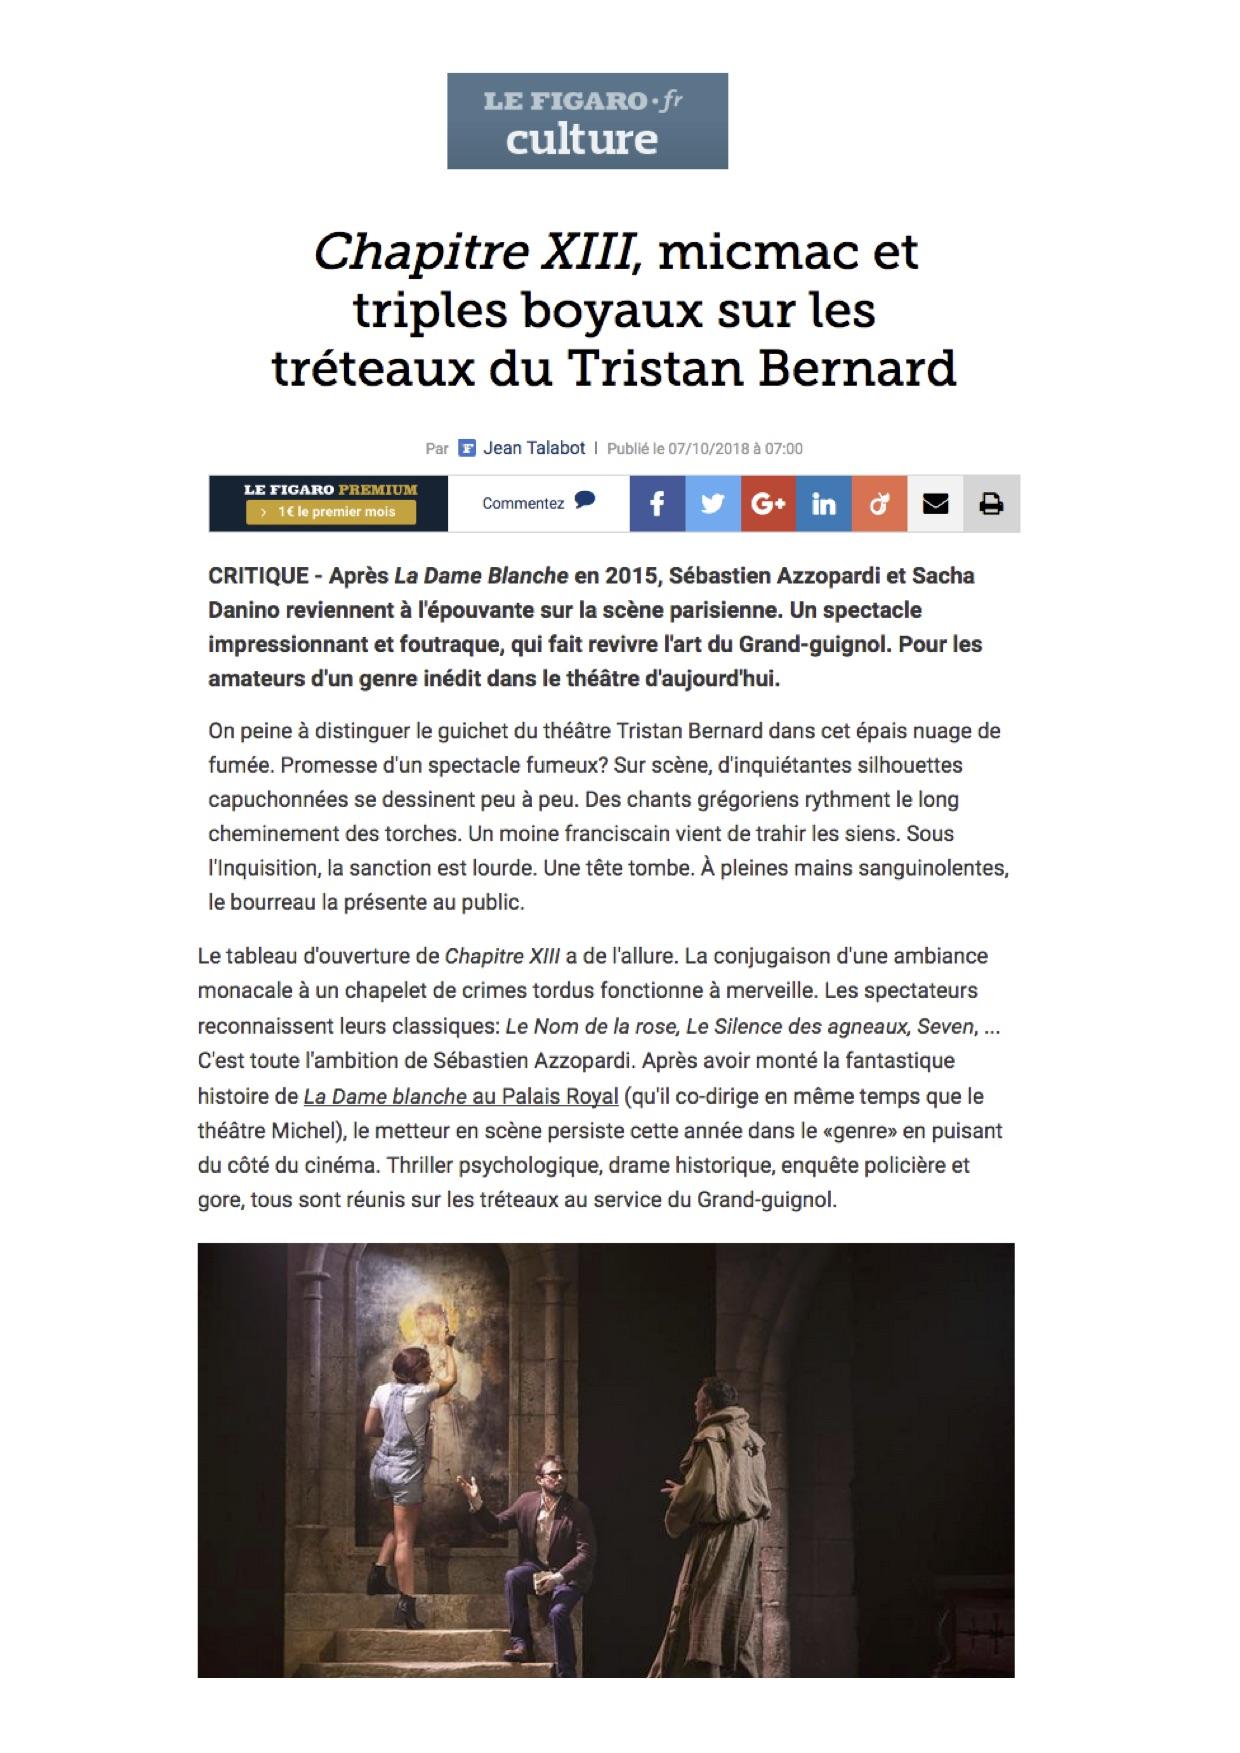 Le Figaro.fr p1 07.10.18